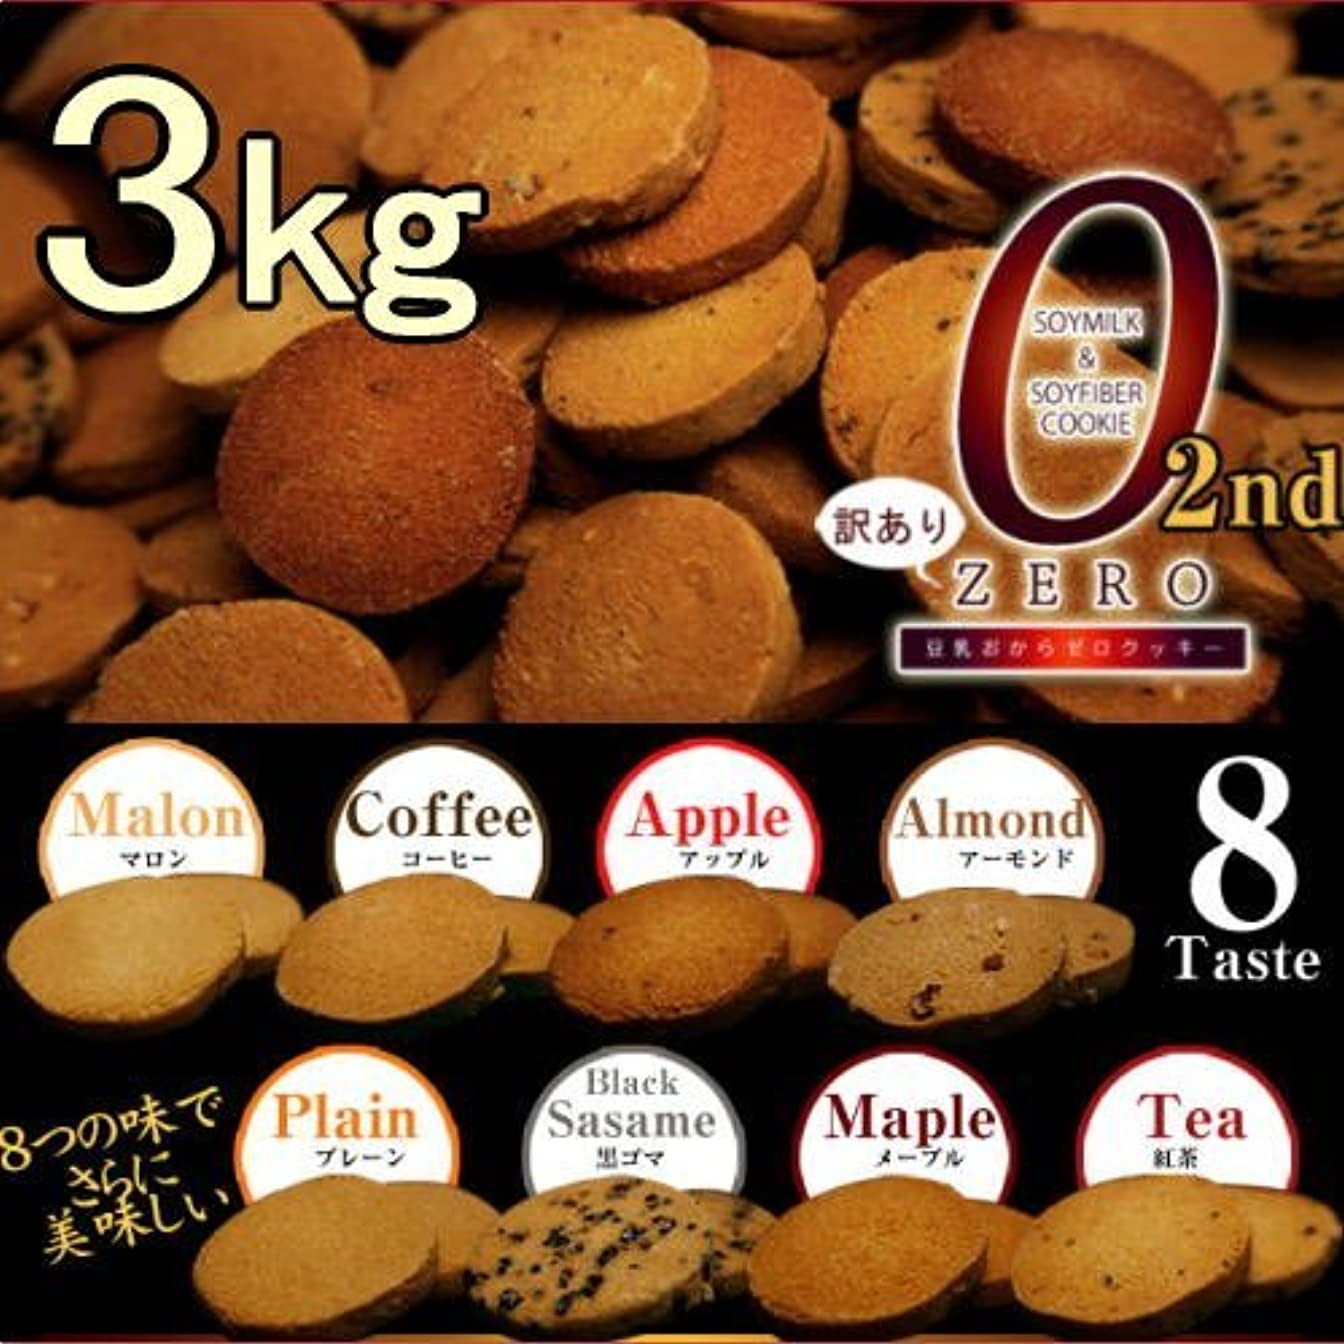 インカ帝国下る無効訳あり豆乳おからゼロクッキー2nd(ドーンと1kg×3箱セット)